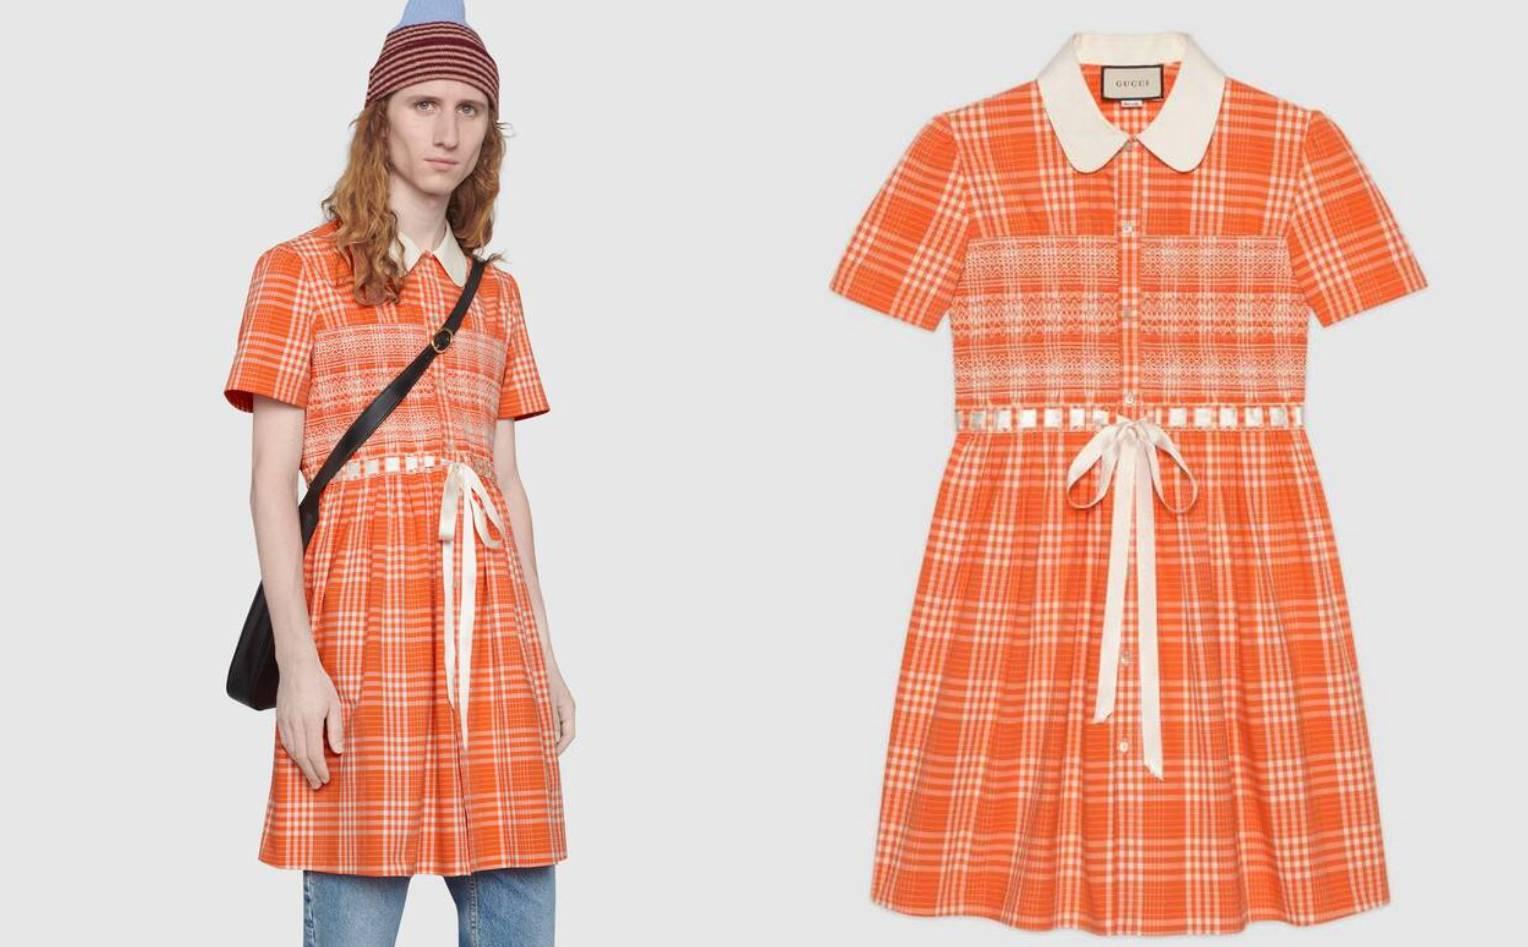 Gucci prodaje mušku haljinu sa satenskom trakom za 14.000 kn